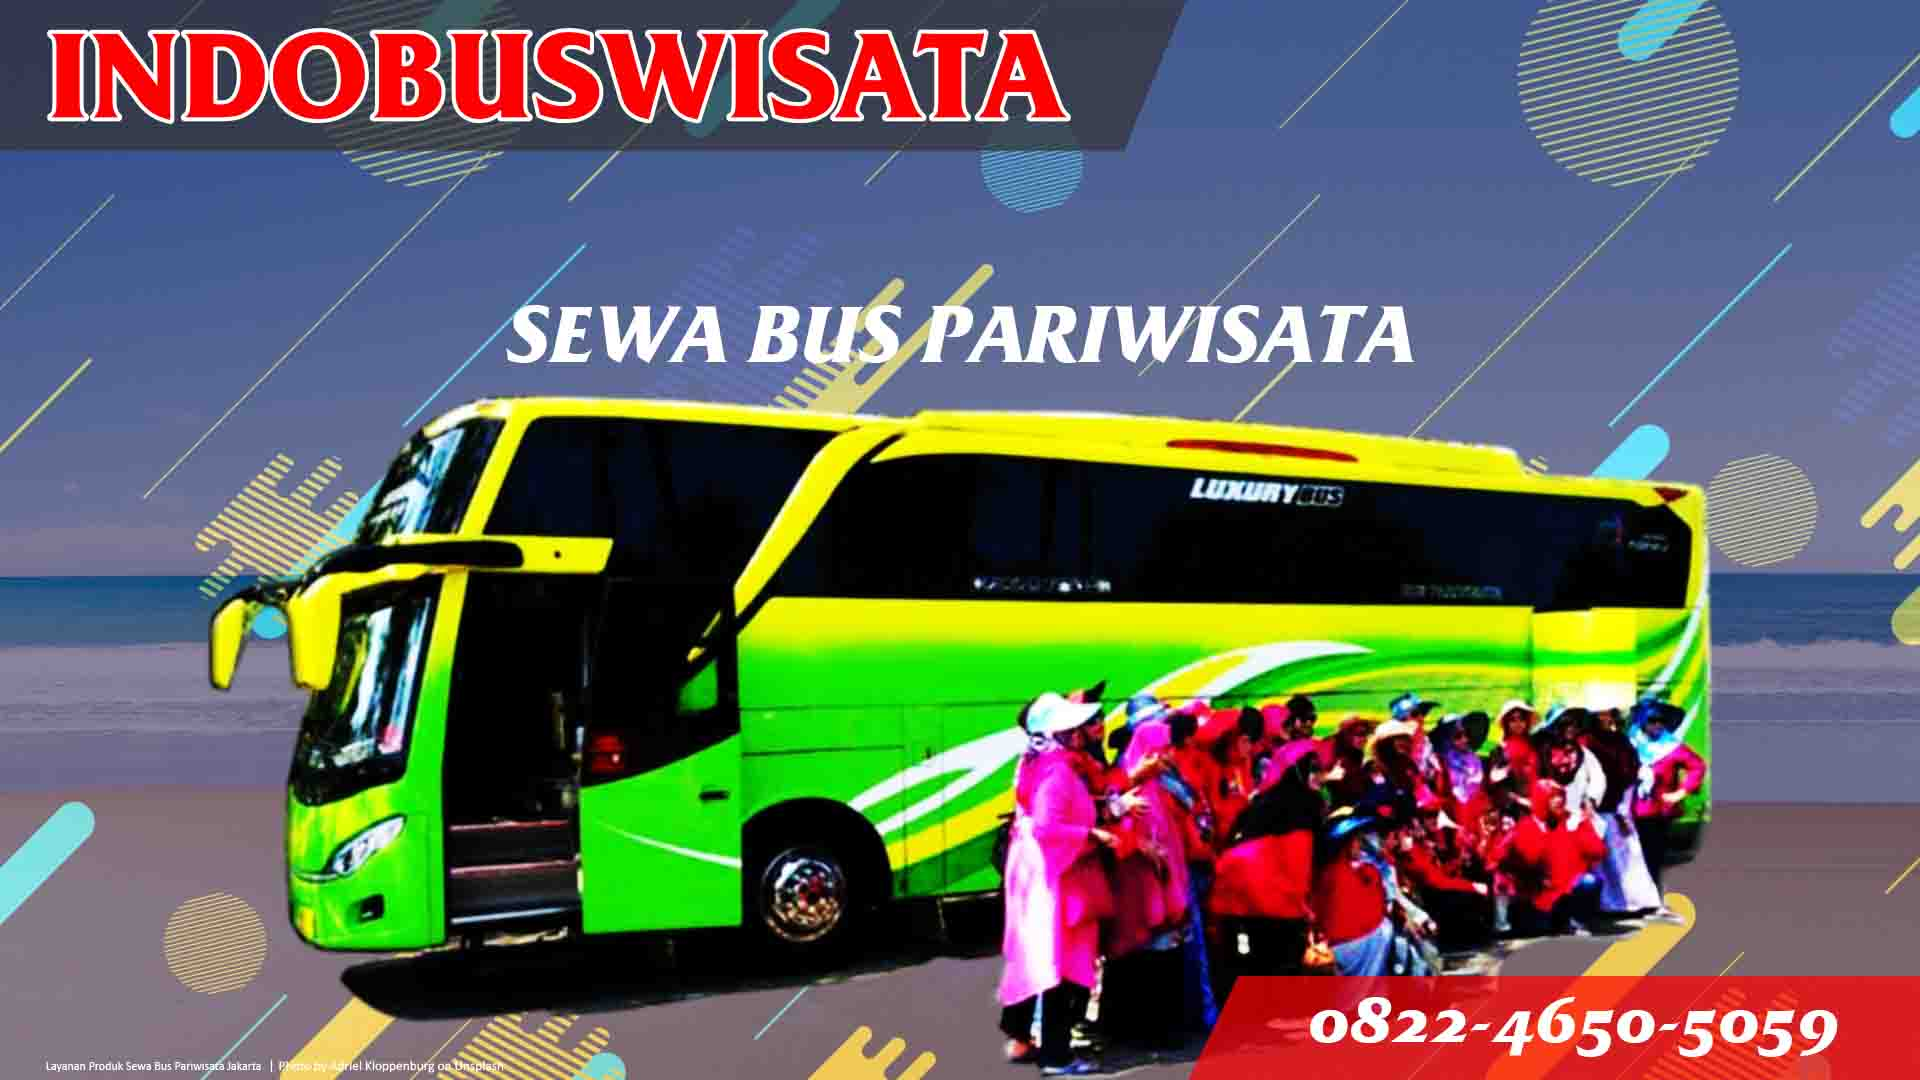 Sewa Bus Pariwisata Di Jakarta 2020 Indobuswisata